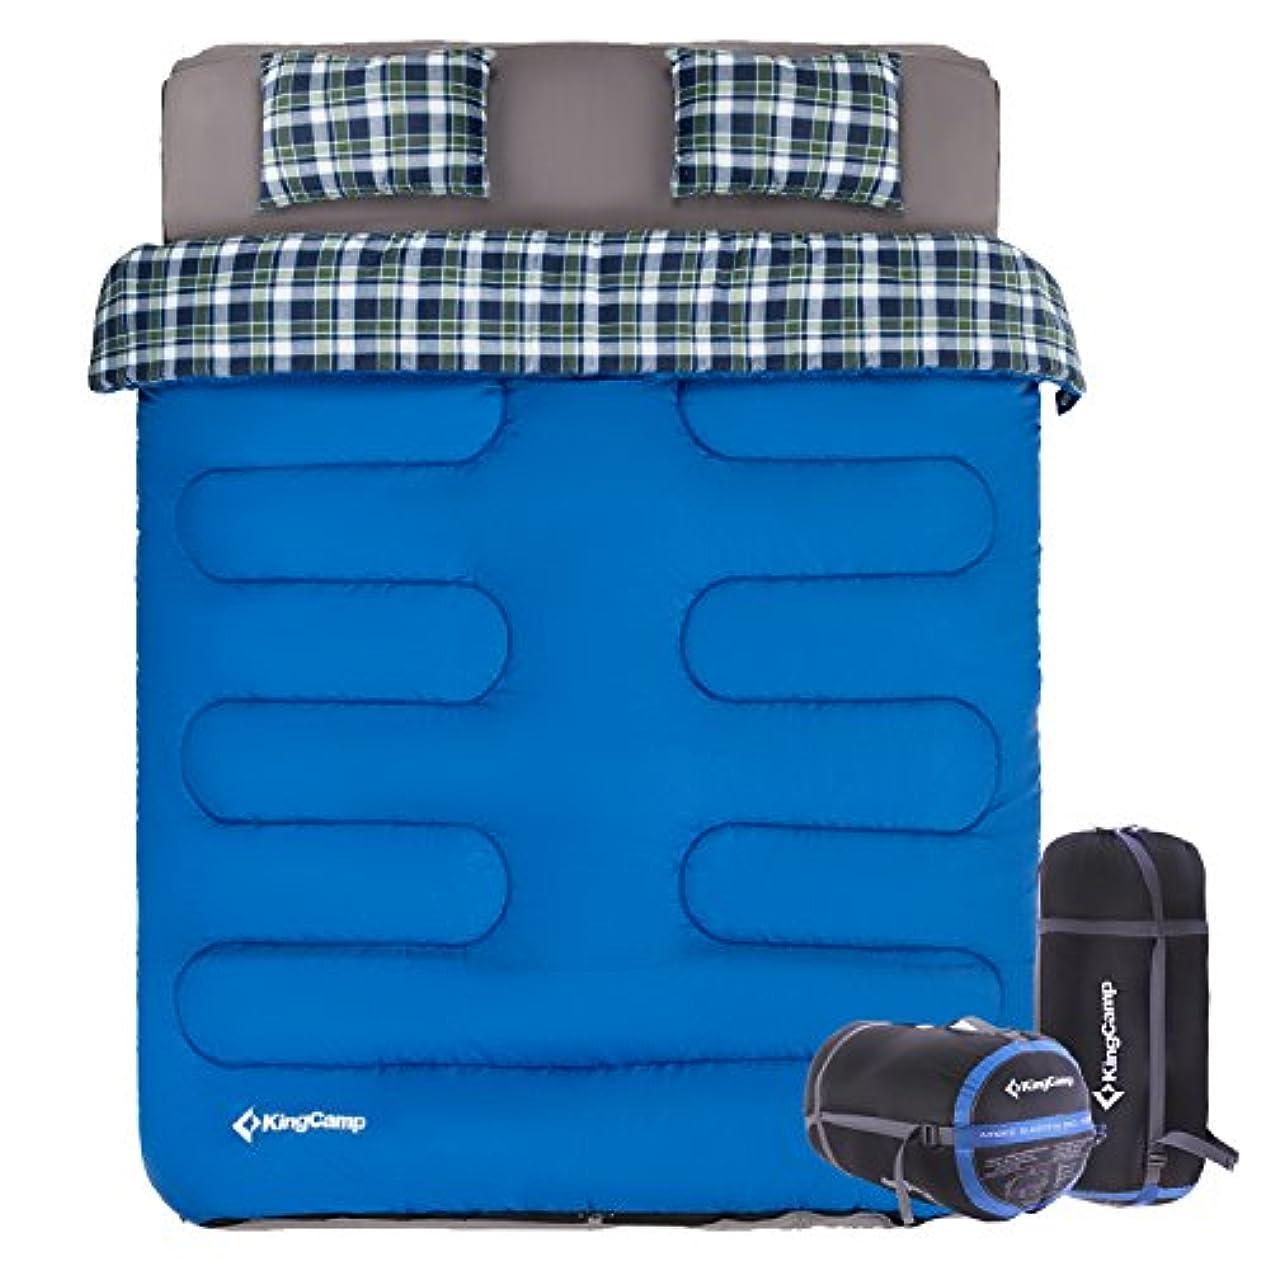 掃く掃く晩ごはんKingCamp エアーベッド 2人用 簡易ベッド エアーマット 専用ポンプ付/寝袋 2人用 封筒型 寝袋ベッド 枕付き 収納袋付